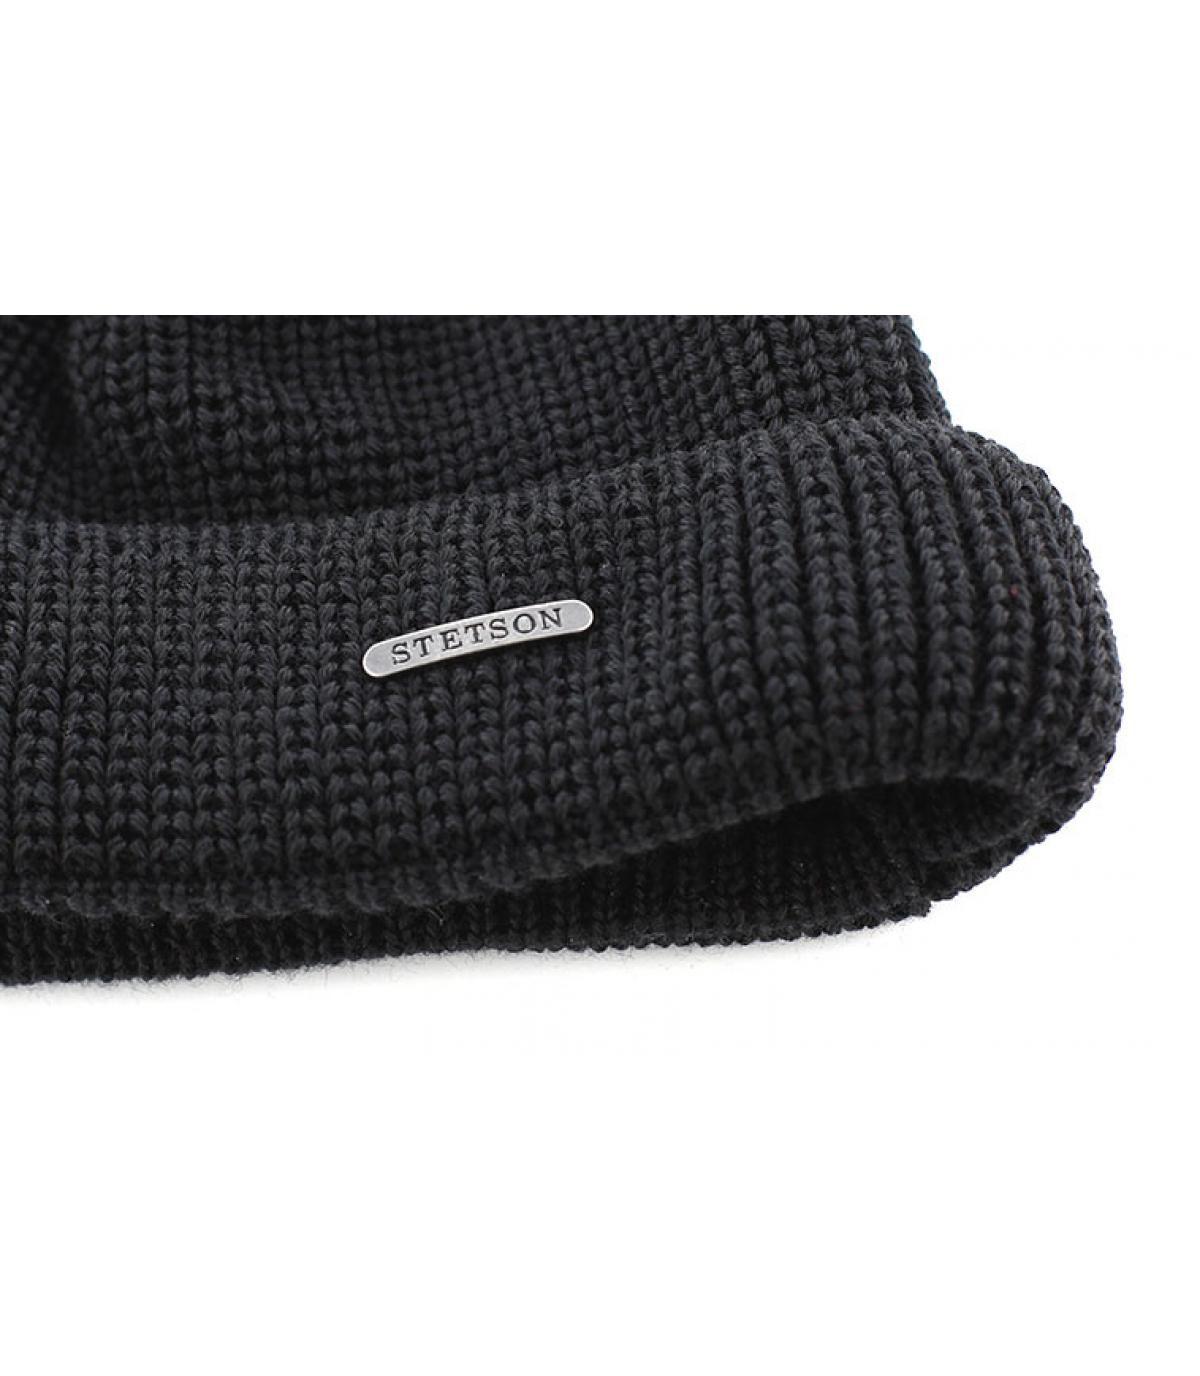 Stetson schwarze Mütze